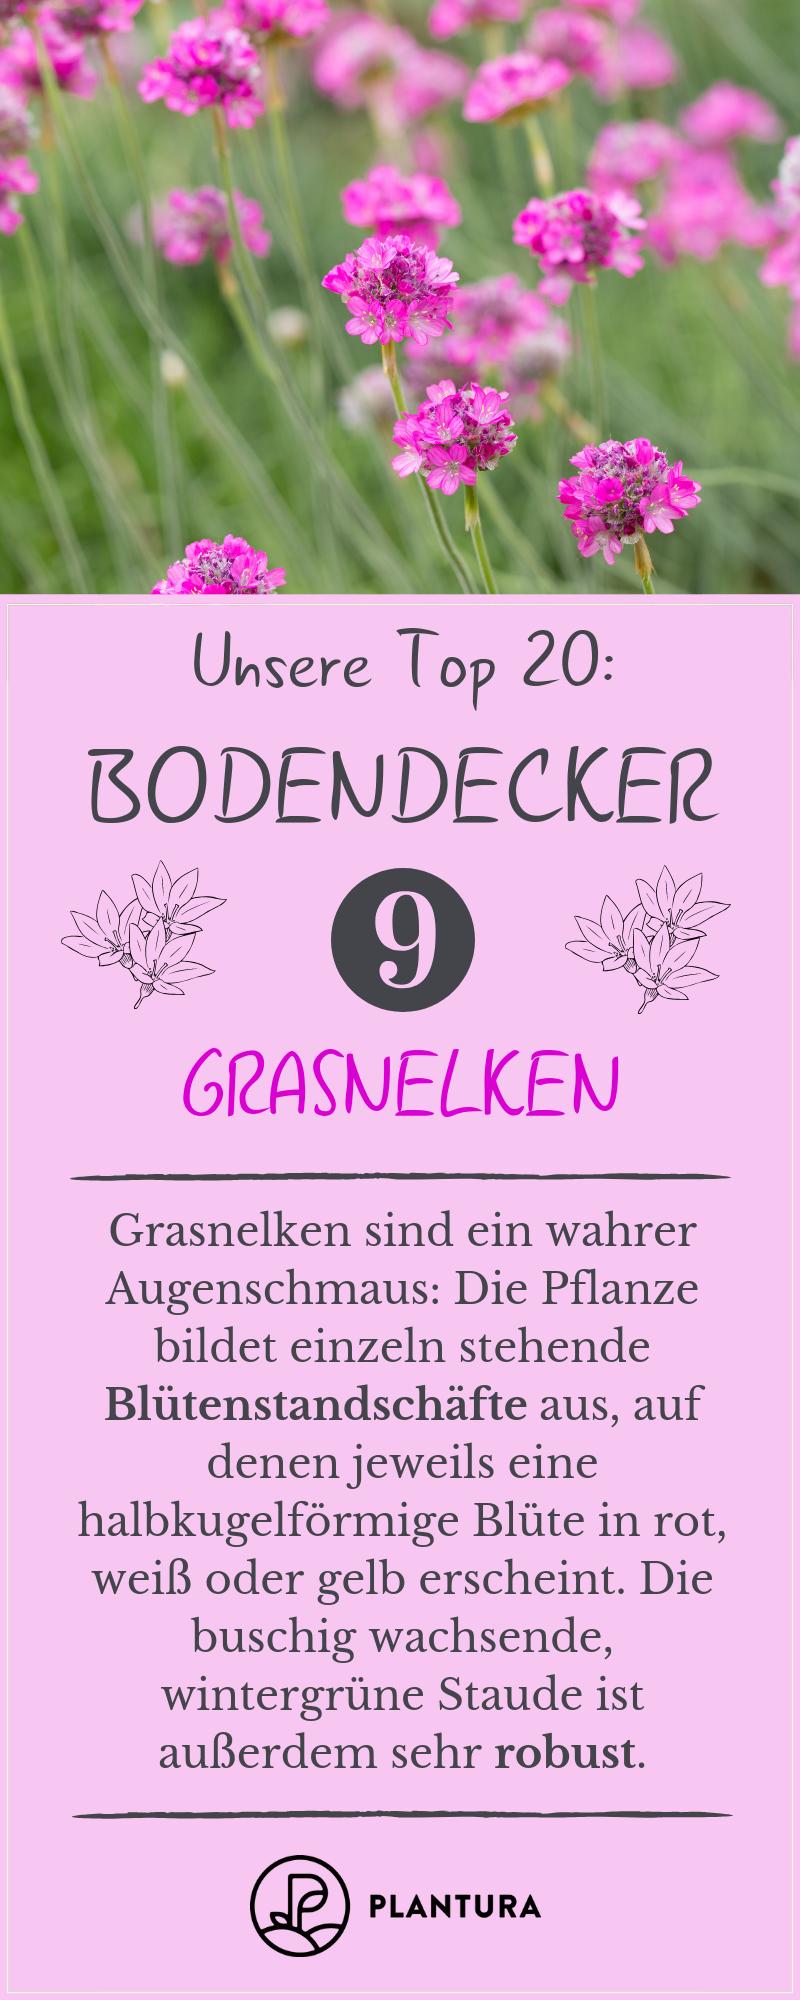 Bodendecker: Die 20 Schönsten für eine einfache Gartengestaltung #kräutergartendesign